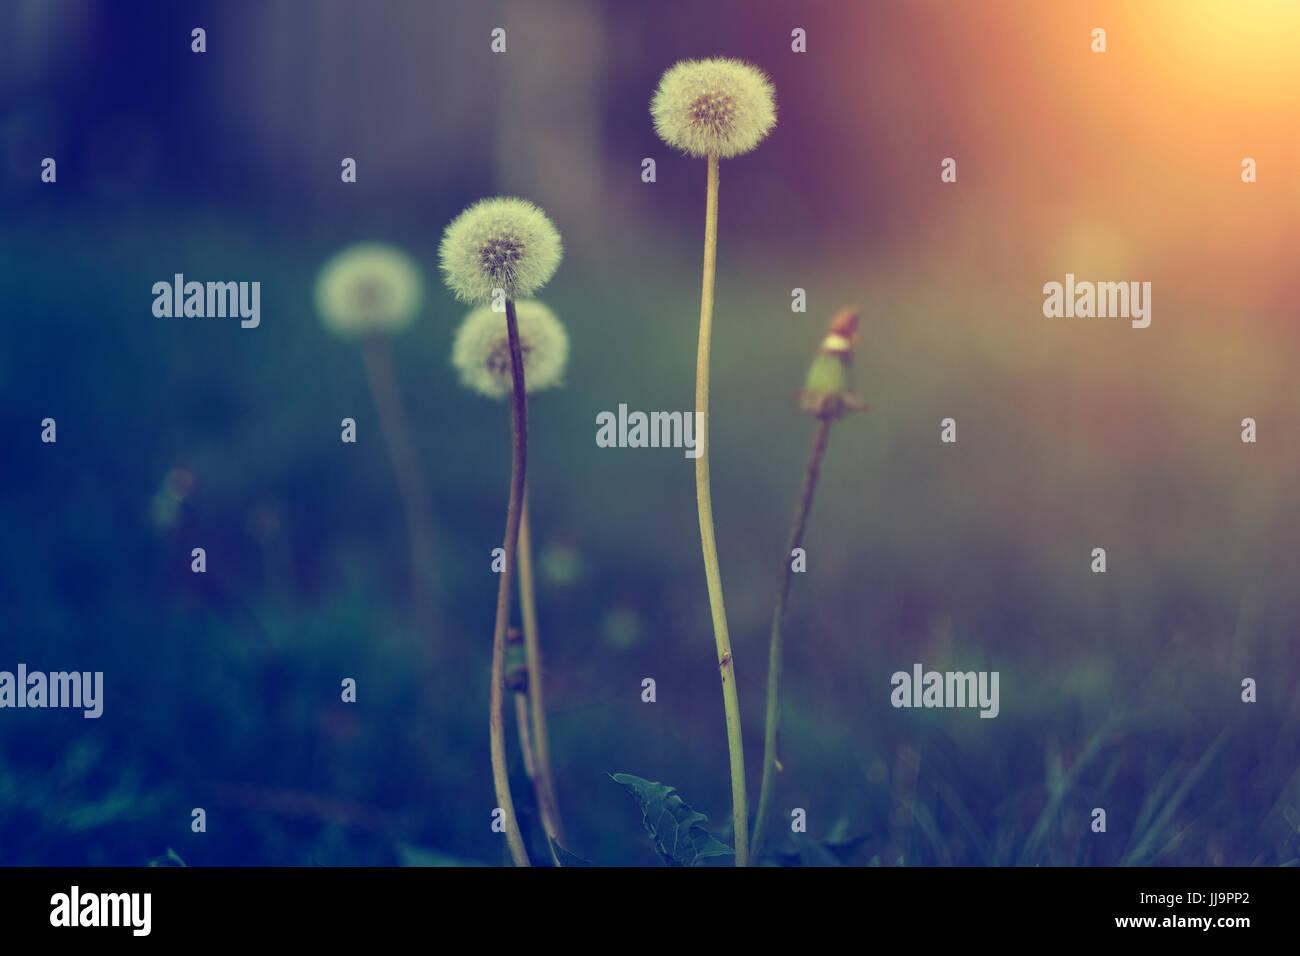 Pissenlit fleur dans le coucher du soleil. Cette image est exclusive pour Alamy seulement Photo Stock